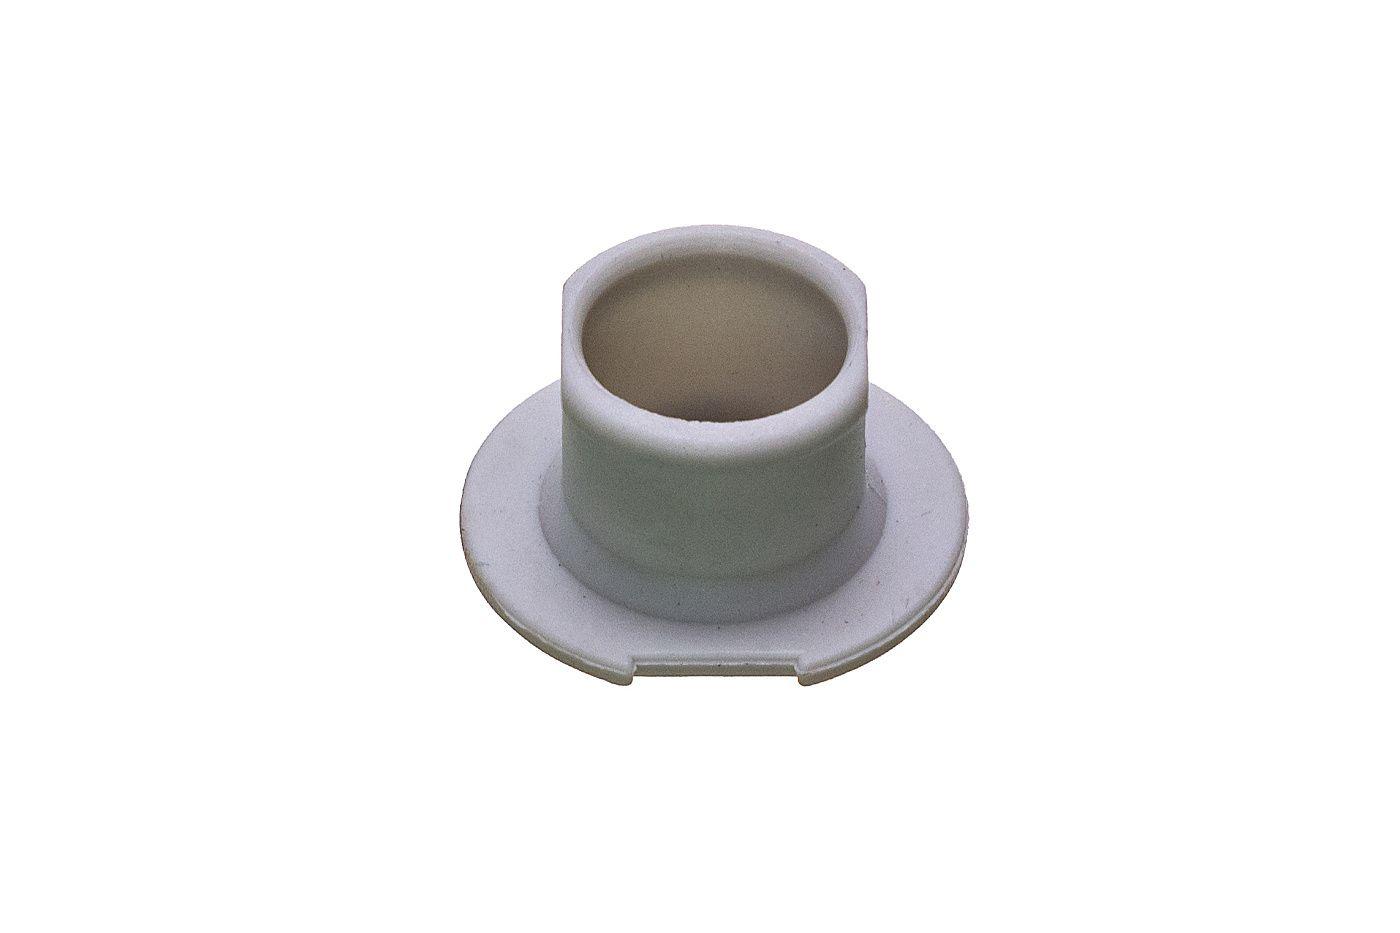 Kryt silenbloku Stihl MS260 026 MS360 036 MS440 044 MS461 - 1125 791 7306